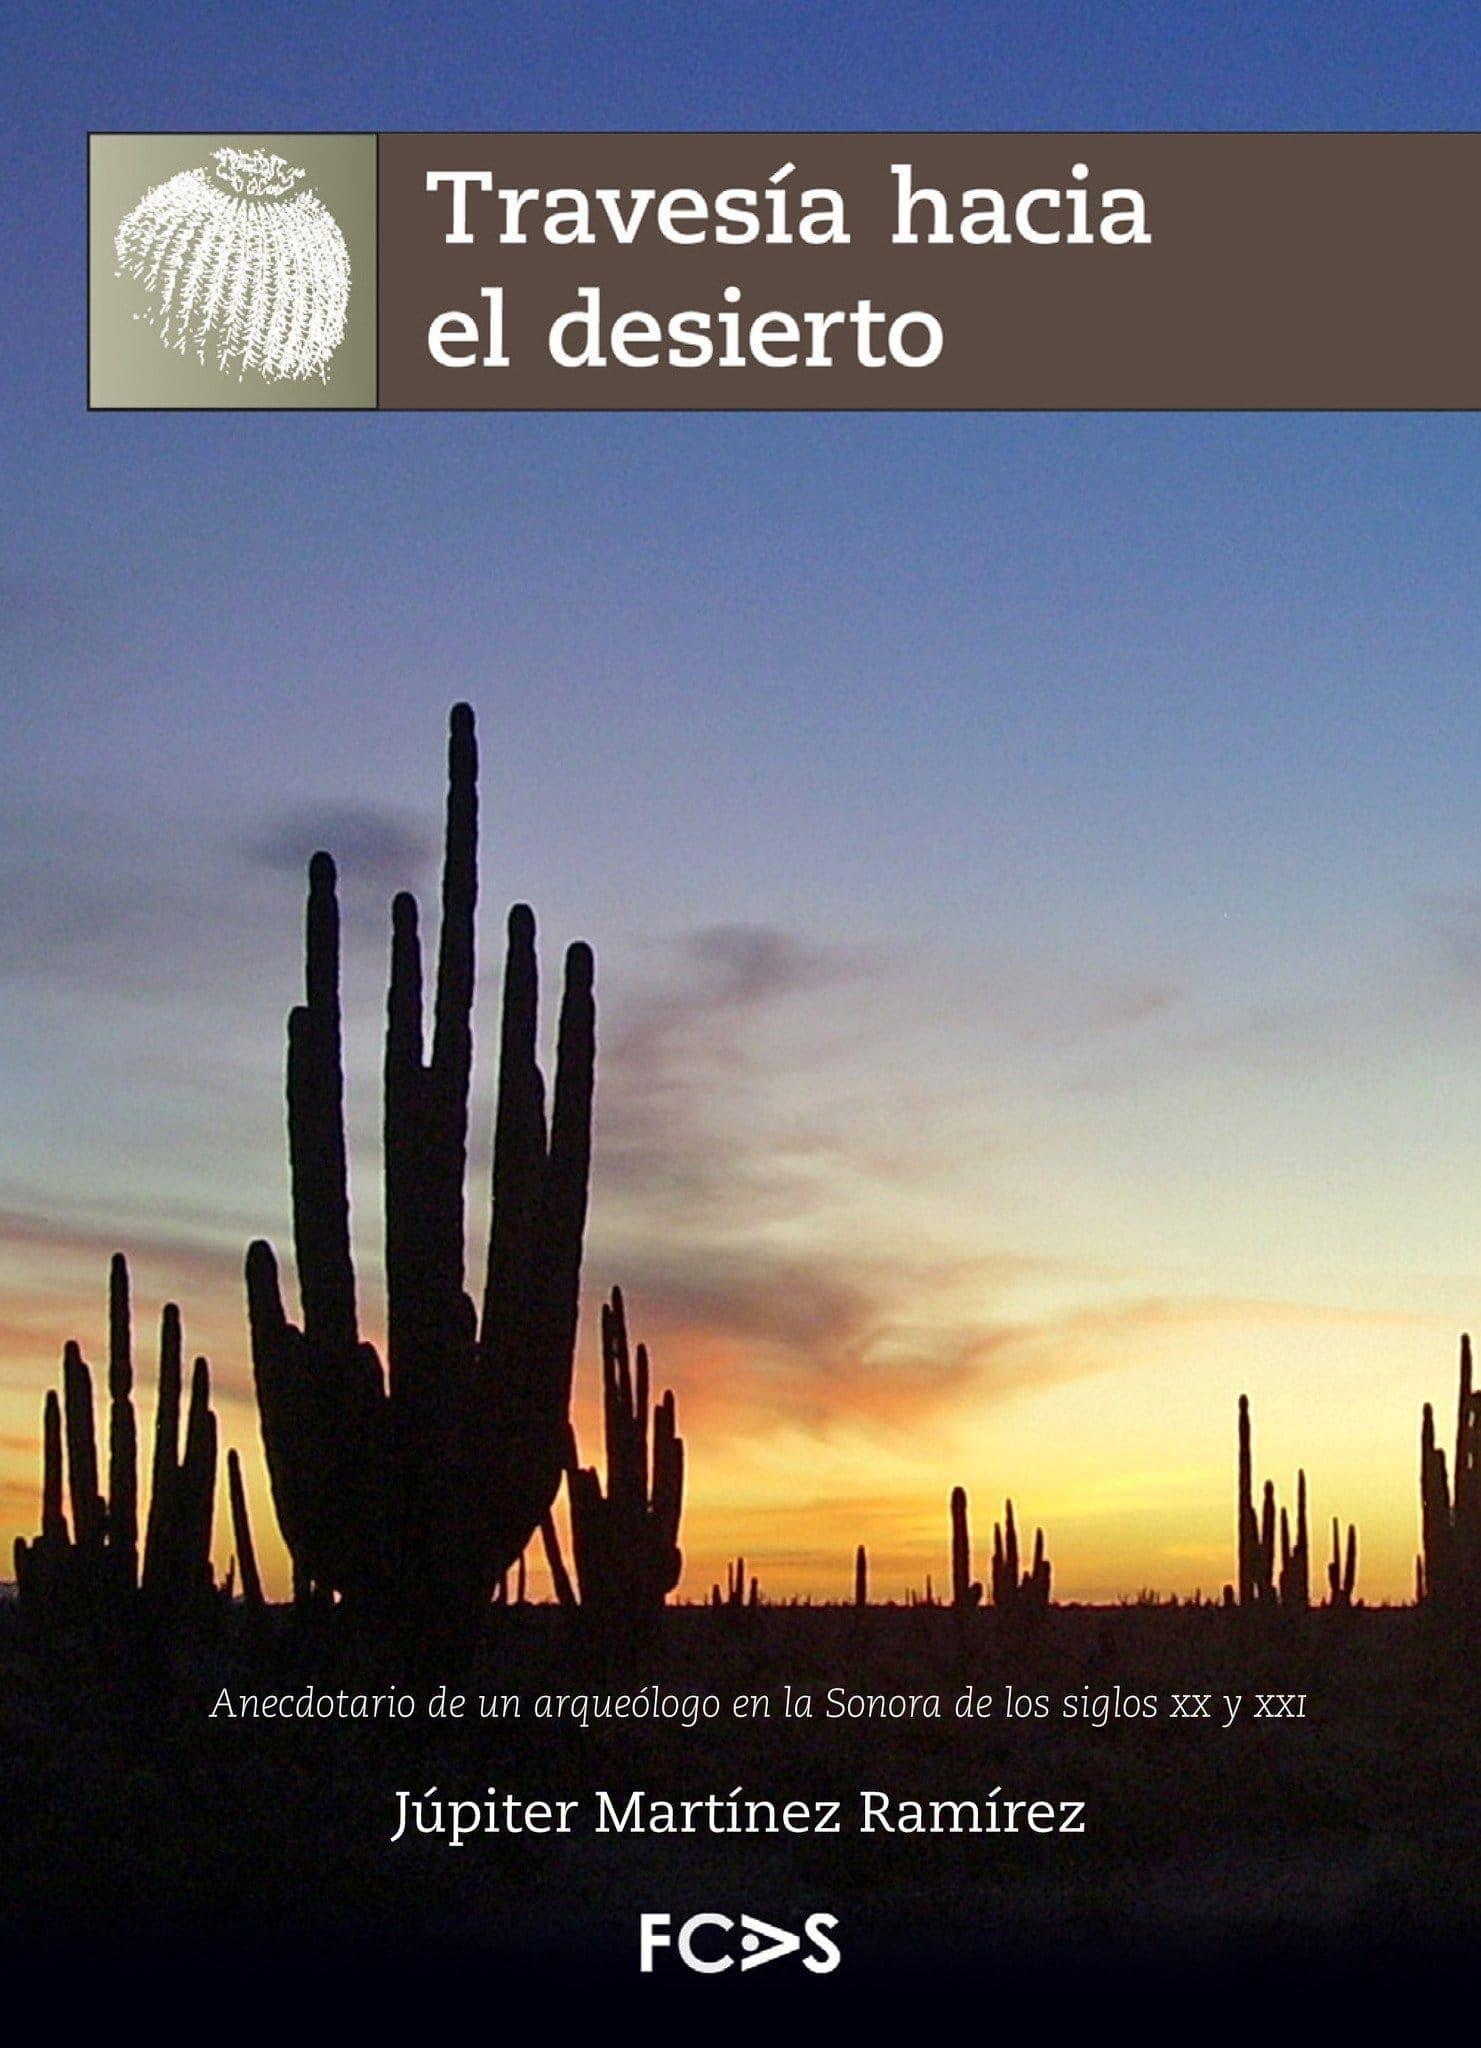 Travesía hacia el desierto. Anecdotario de un arqueólogo en la Sonora de los siglos XX y XXI